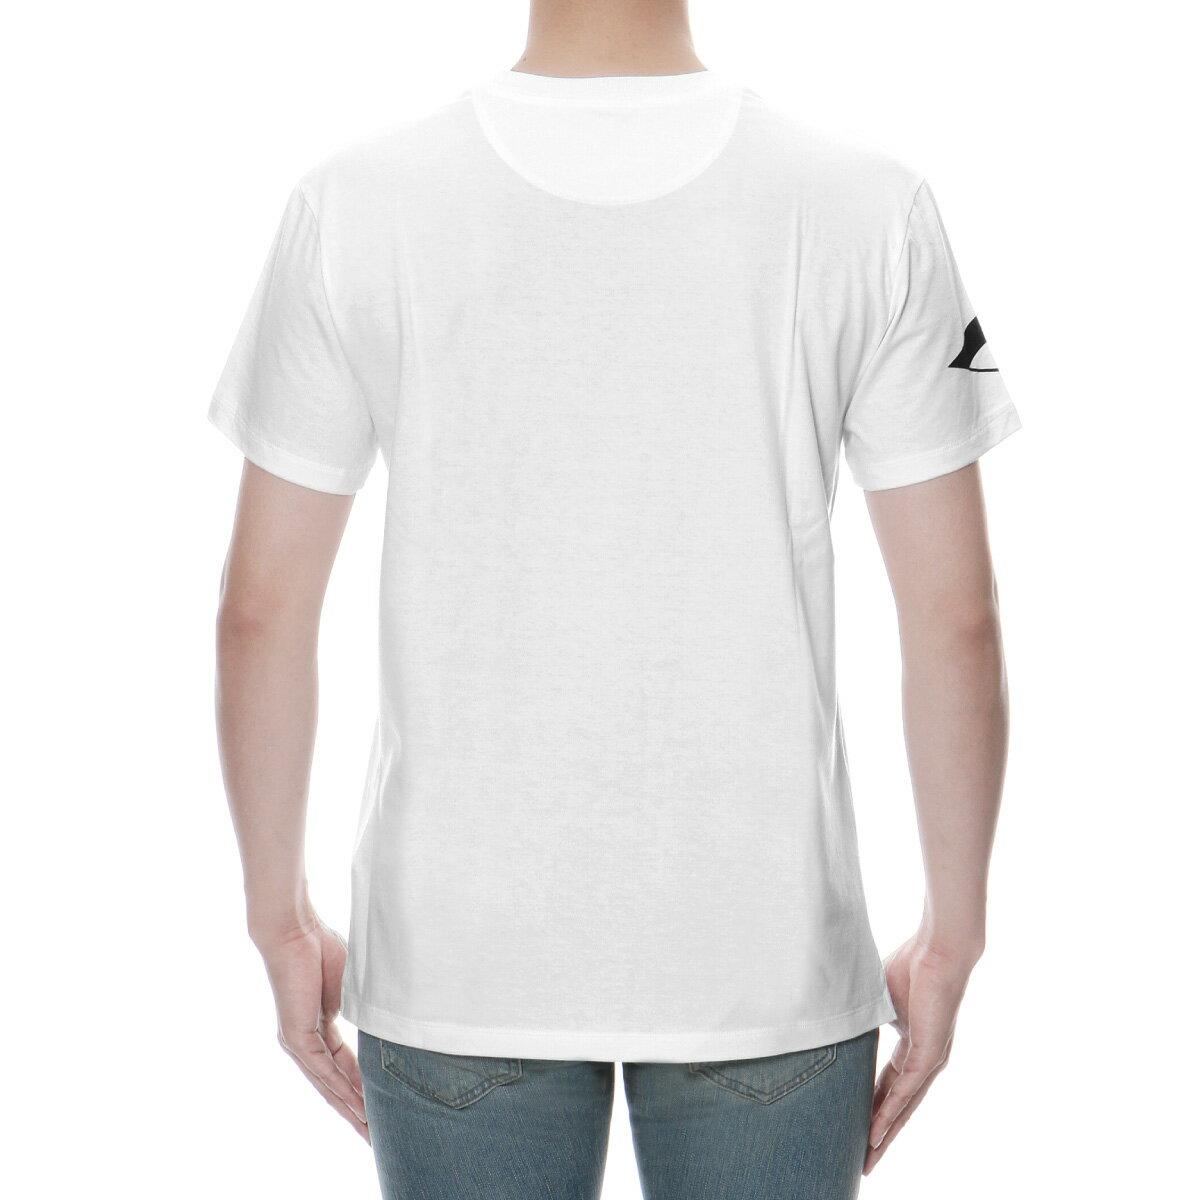 ヴァレンティノ VALENTINO Tシャツ メンズ SV3MG02P5FV A01 半袖Tシャツ BIANCO/NERO ホワイト